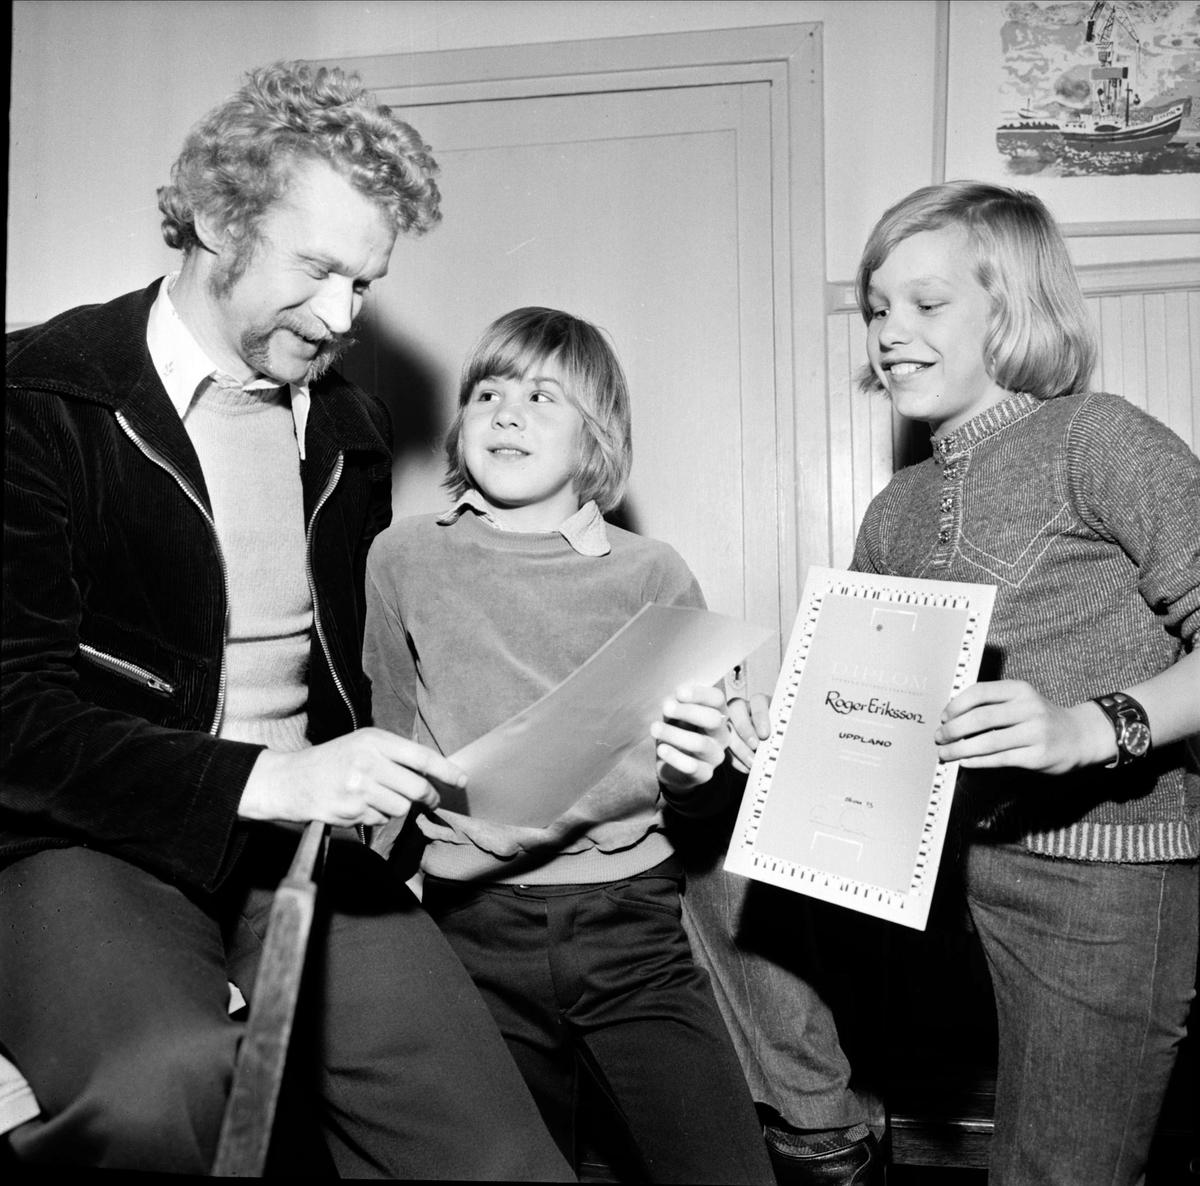 Tom Turesson, Jan Lindström och Roger Eriksson - Strömsbergs IF:s ungdomsfotboll har avslutning, Strömsbergs bruk, Tolfta socken, Uppland 1973